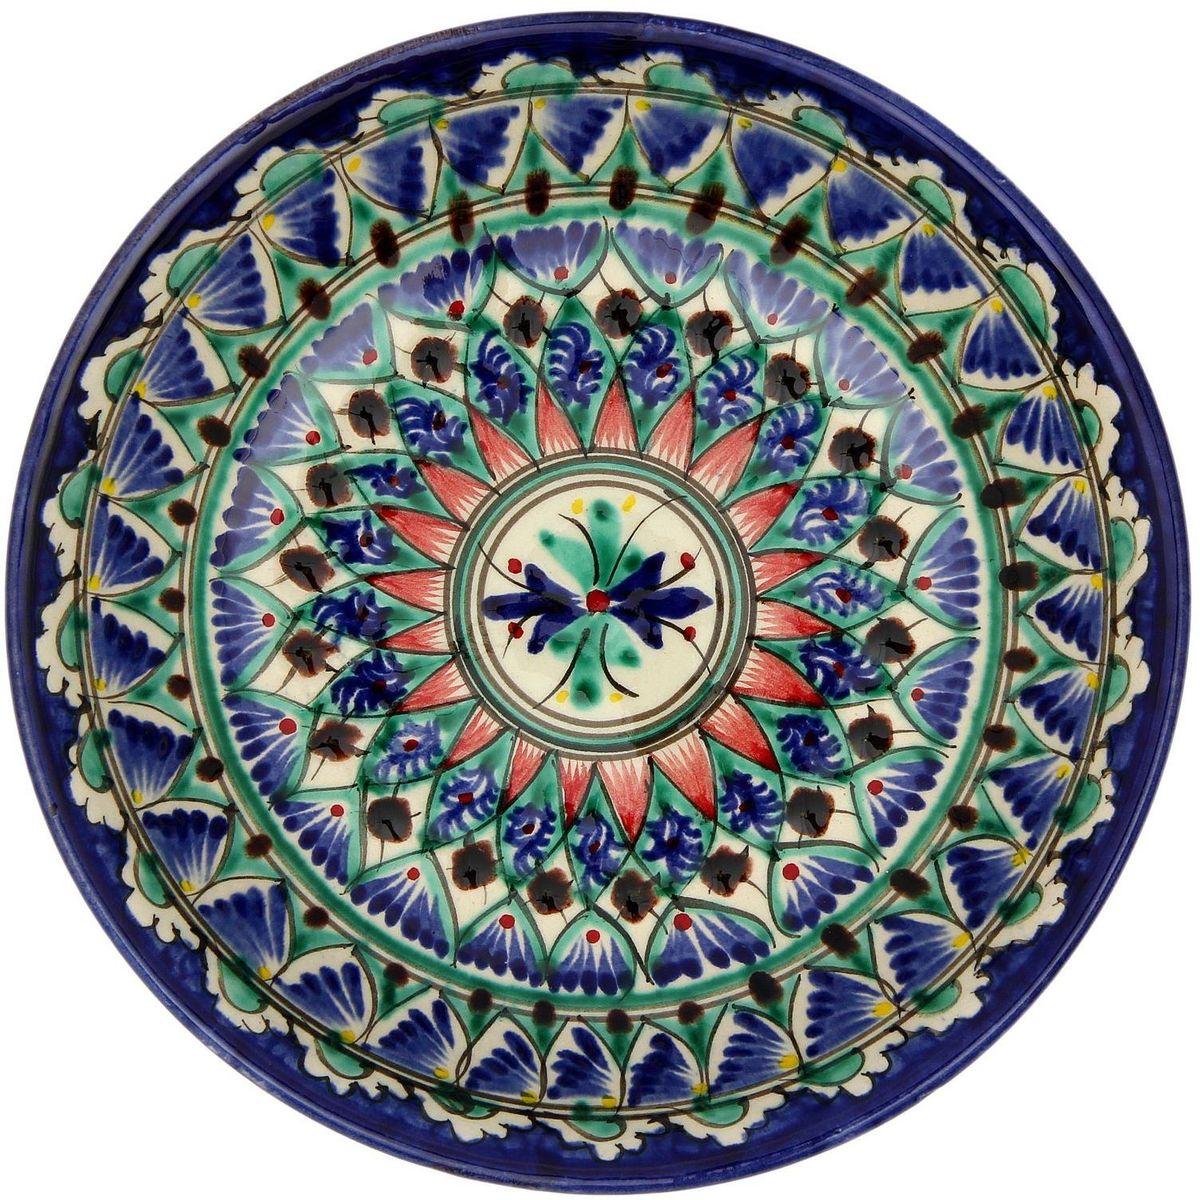 Тарелка Риштанская керамика, цвет: синий, красный, зеленый, диаметр 19 см. 21387062138706Узбекская посуда известна всему миру уже более тысячи лет. Ей любовались царские особы, на ней подавали еду шейхам и знатным персонам. Формула глазури передается из поколения в поколение. По сей день качественные изделия продолжают восхищать своей идеальной формой.Тарелка Риштанская керамика подойдет для повседневной и праздничной сервировки. Дополните стол текстилем и салфетками в тон, чтобы получить элегантное убранство с яркими акцентами.Диаметр: 19 см.